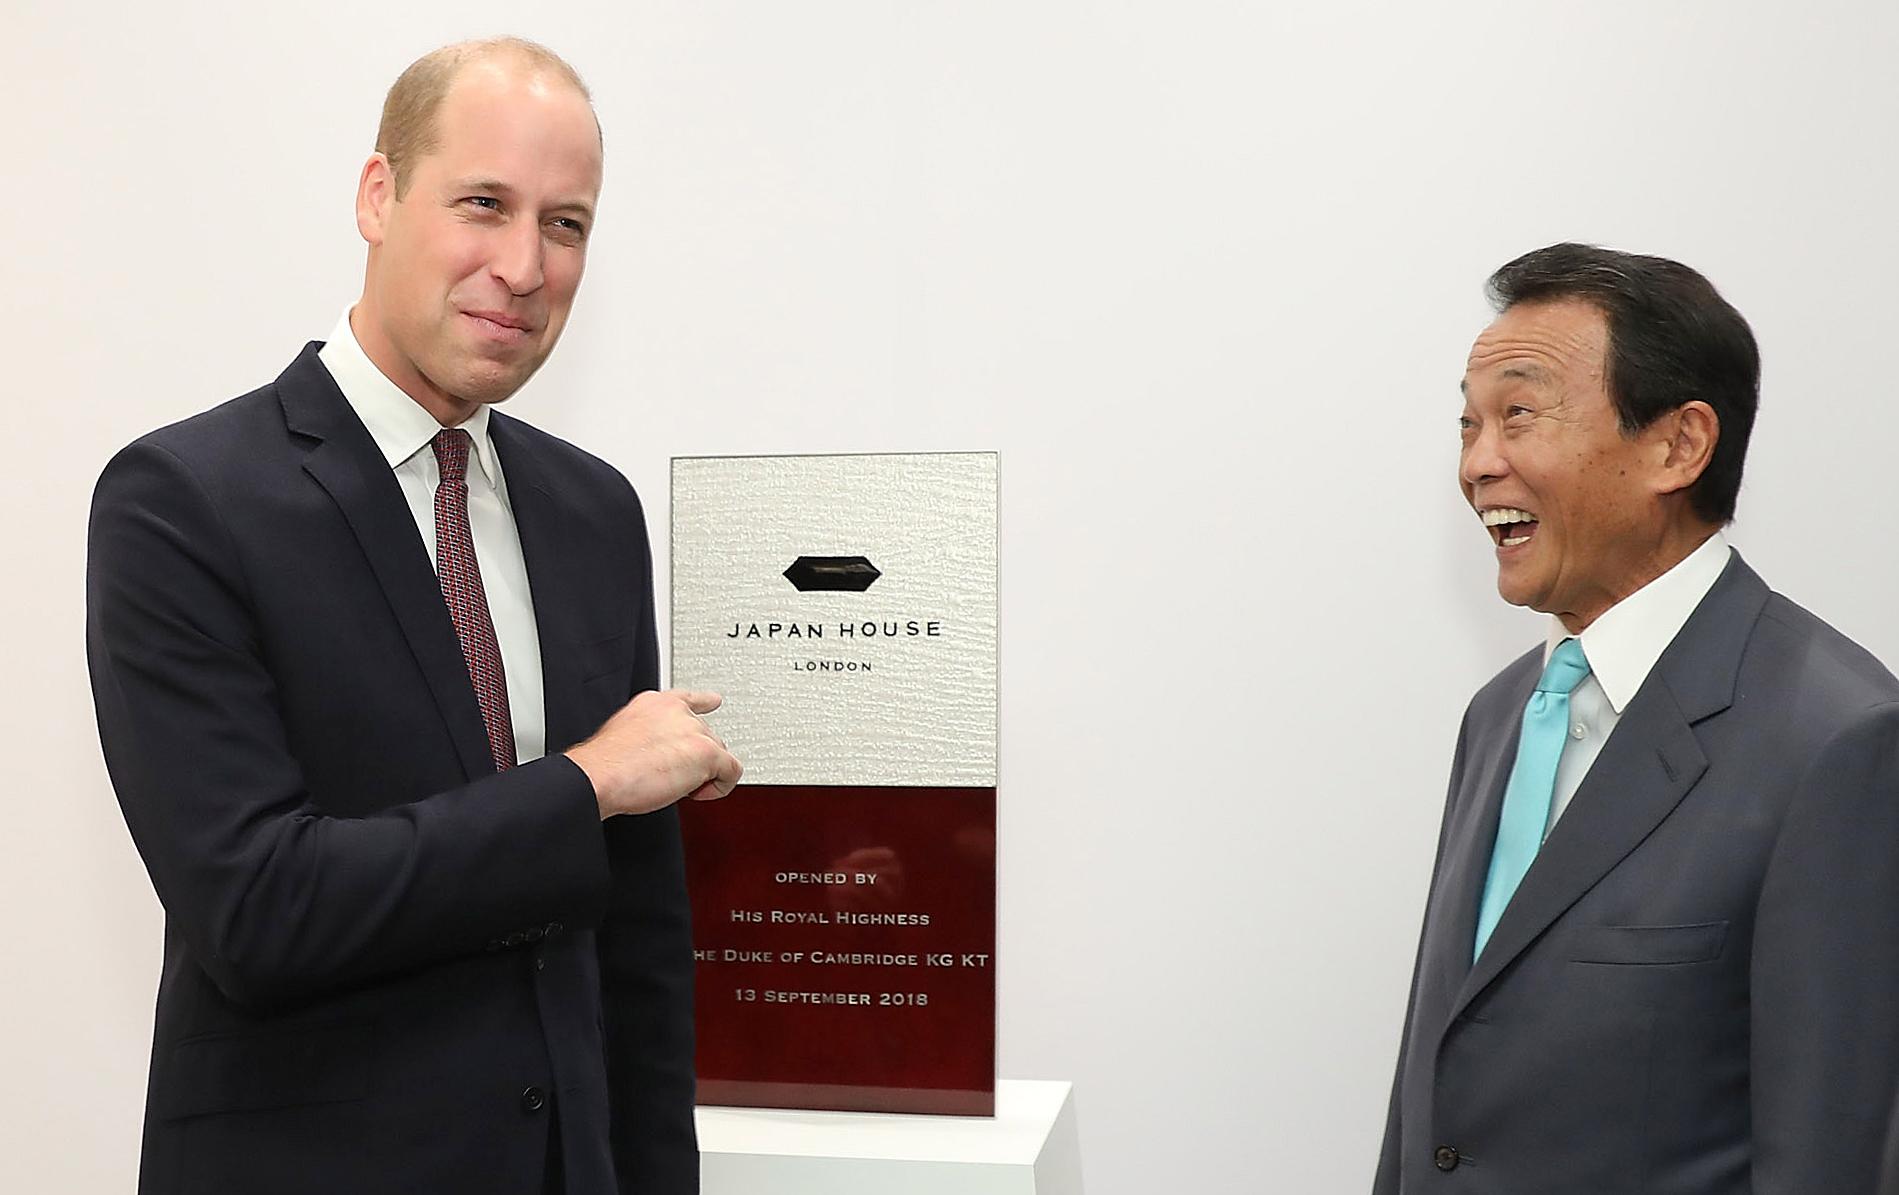 Príncipe William y el vice primer ministro de Japón Taro Aso